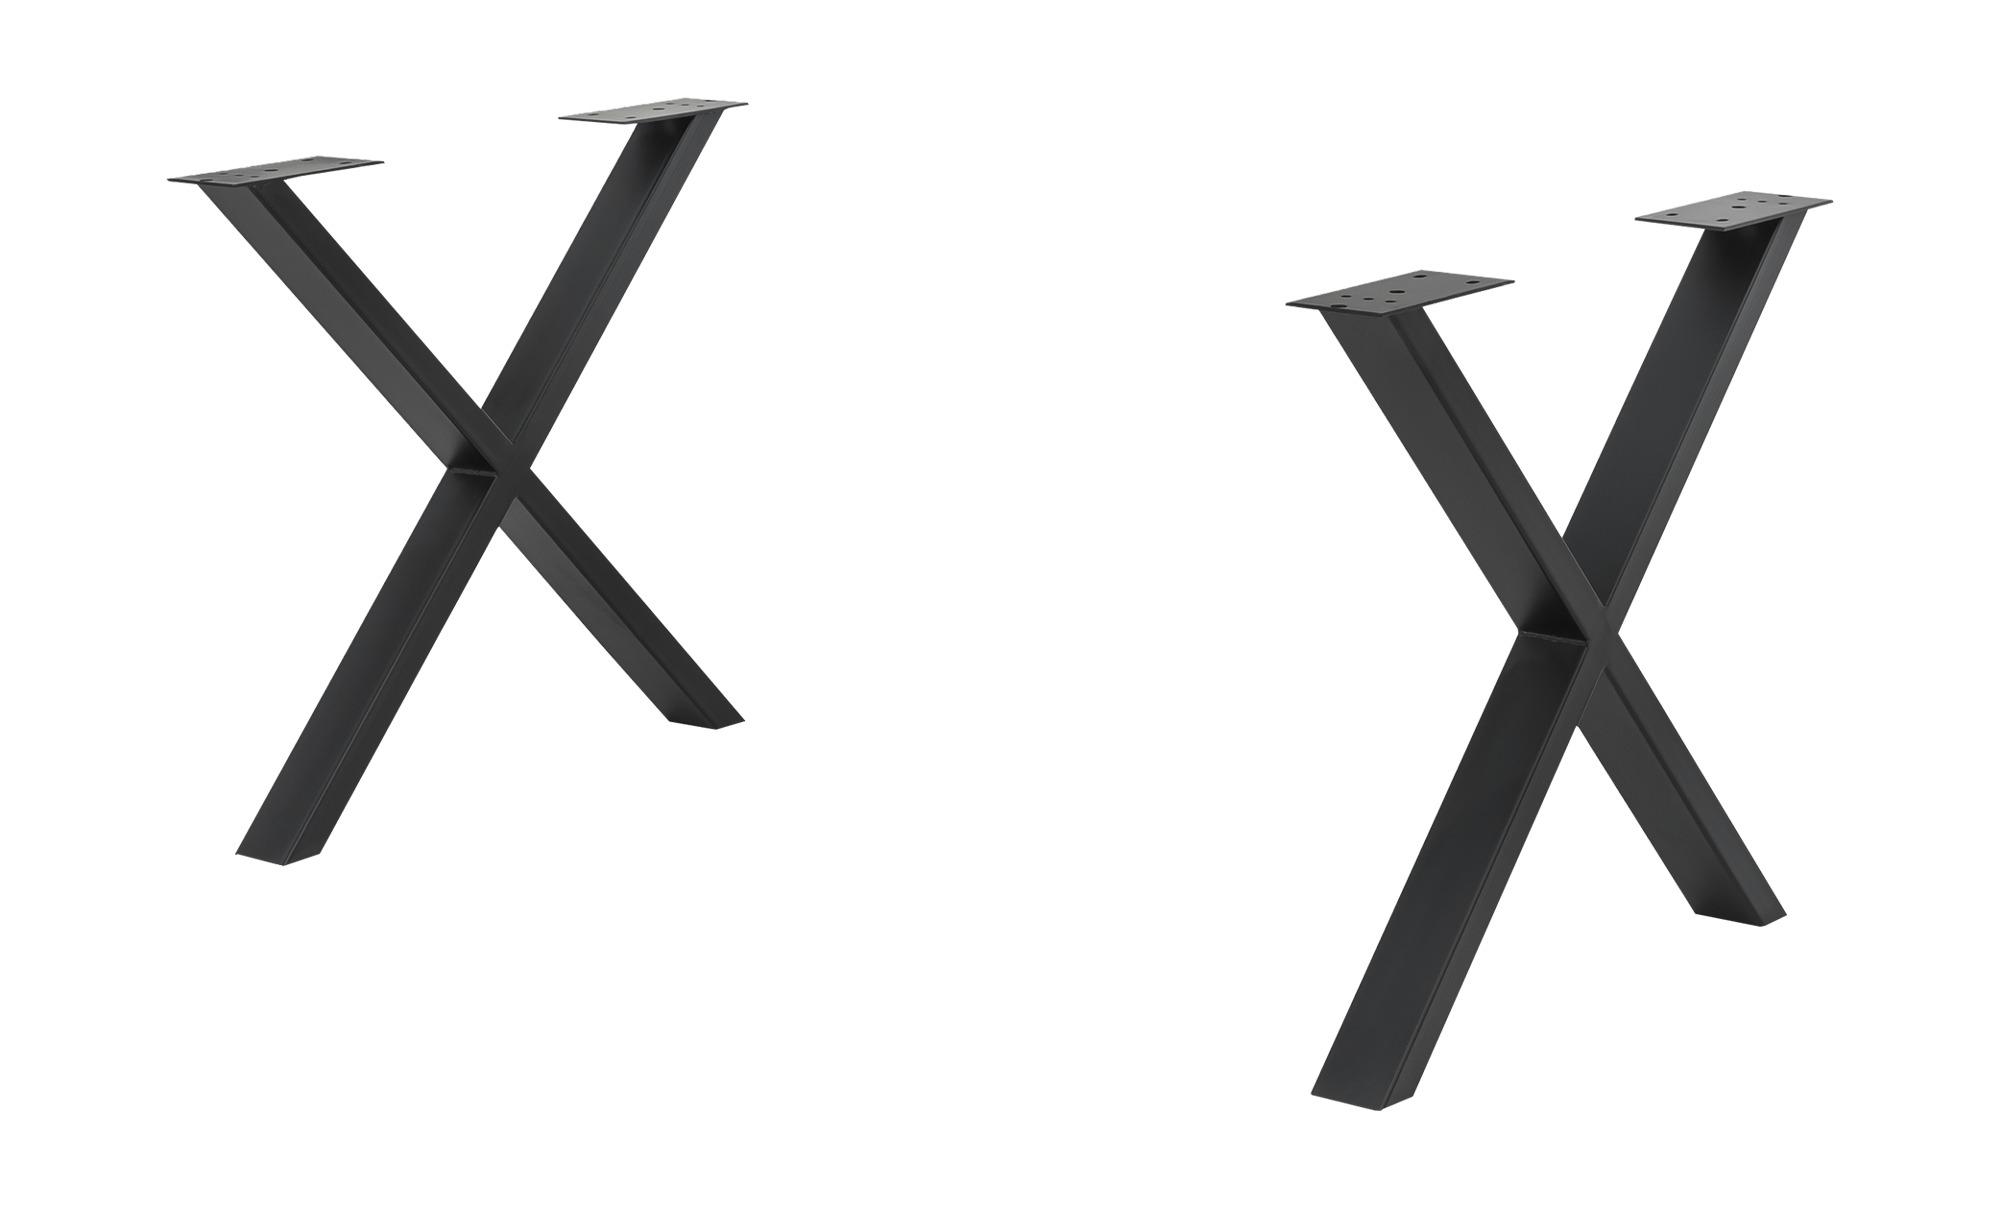 Tischgestell  Tuxa massiv - schwarz - Metall, pulverbeschichtet - 73 cm - 73 cm - 8 cm - Tische > Tischbeine - Möbel Kraft | Wohnzimmer > Tische > Weitere Tische | Möbel Kraft